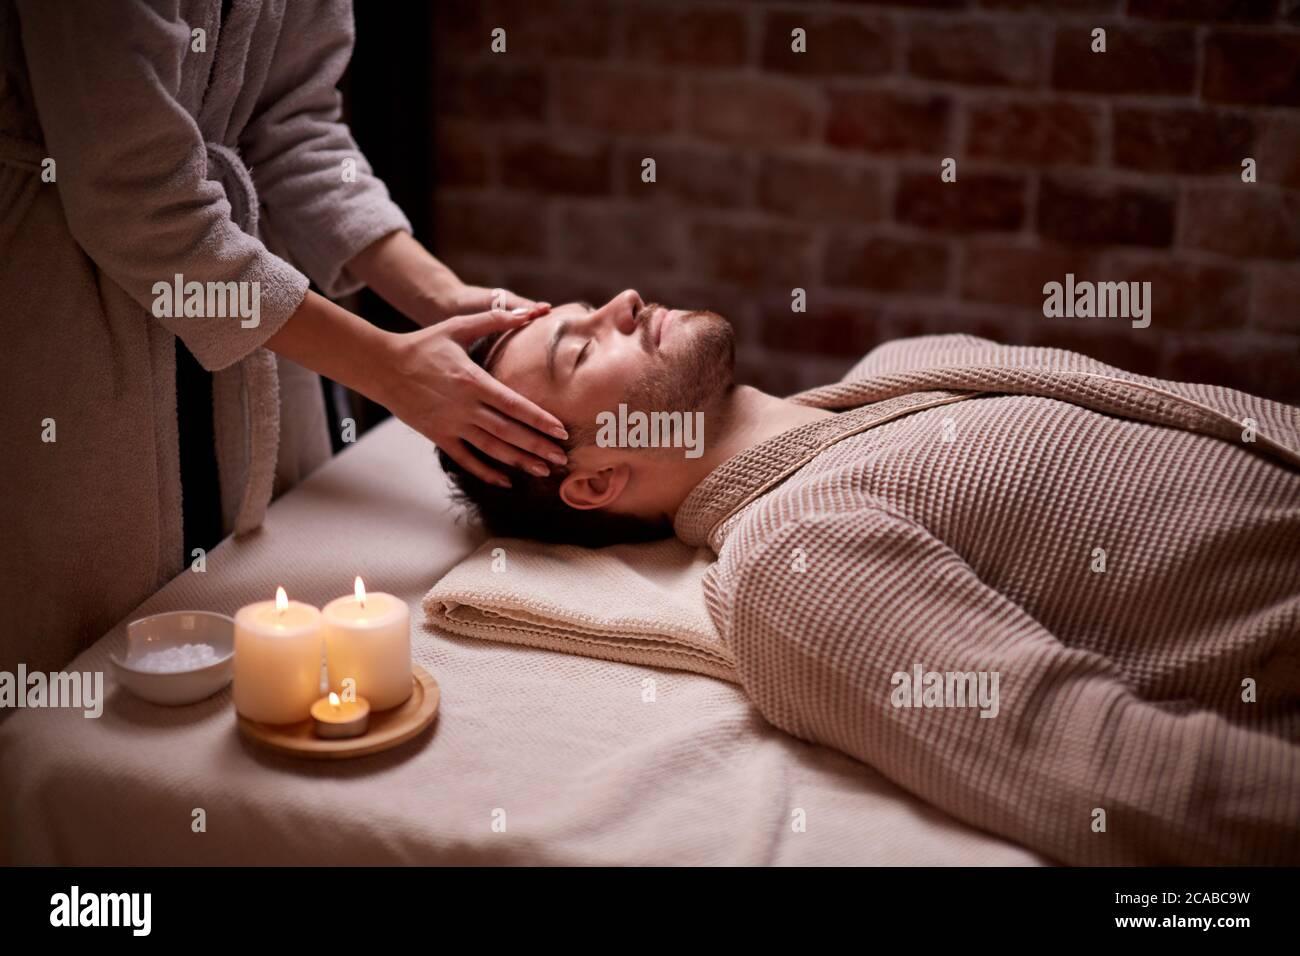 Salón de belleza, concepto de tratamiento. El joven caucásico recibe un masaje en la cabeza y la cara tumbado en el escritorio con los ojos cerrados, calma Foto de stock